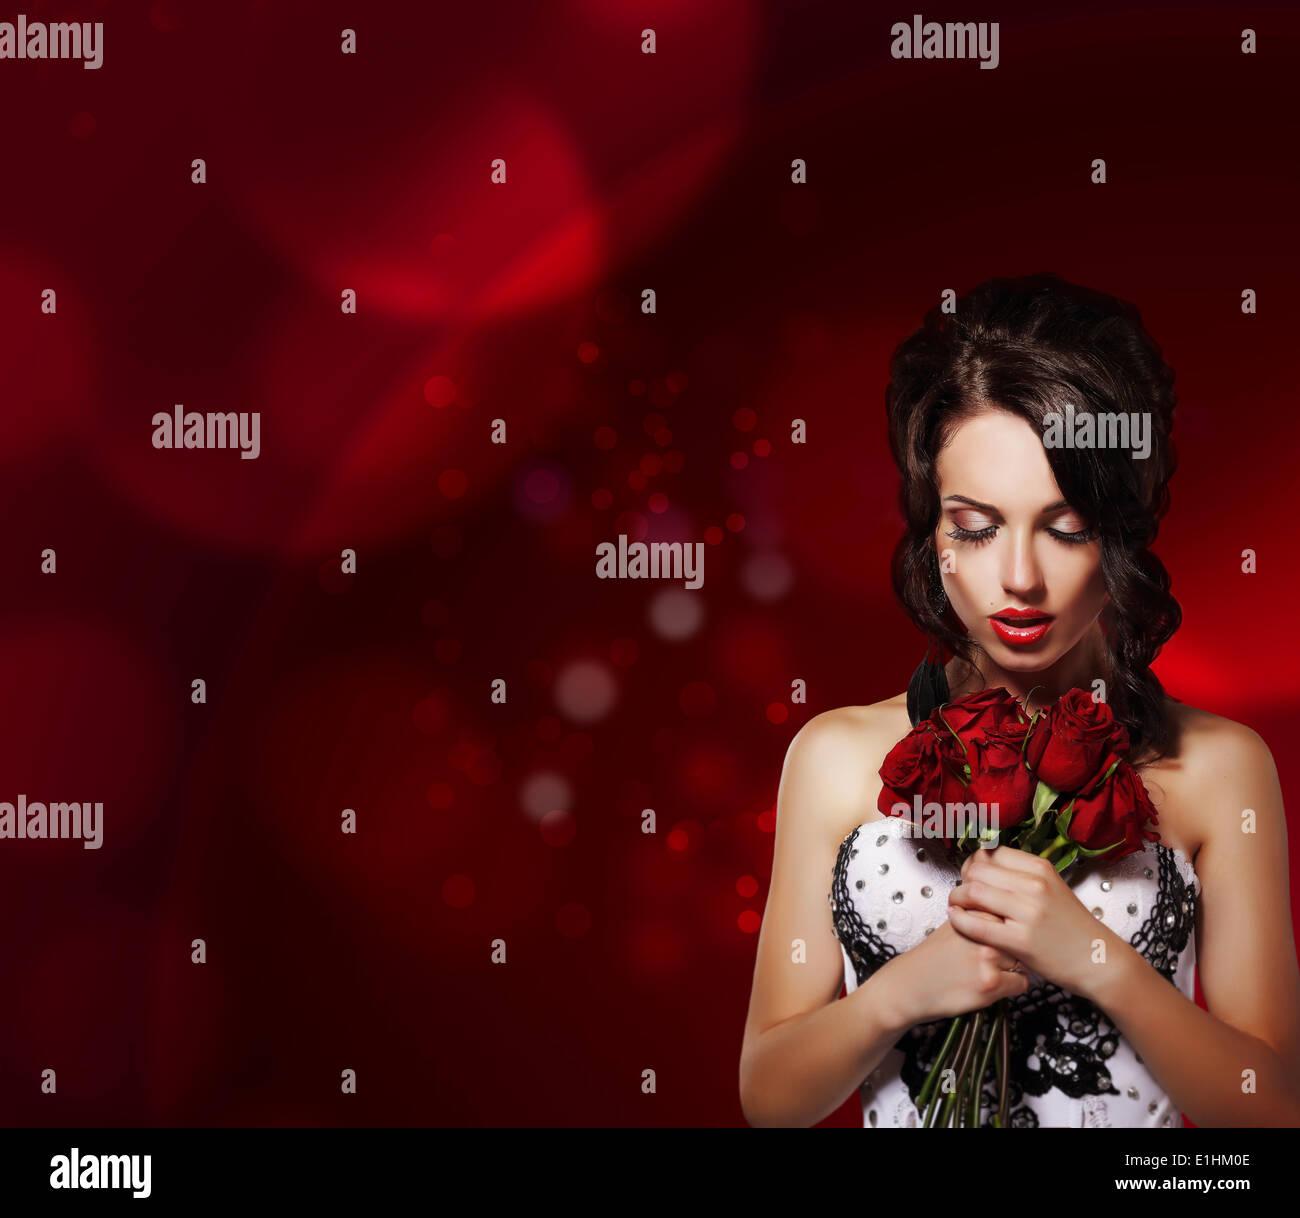 La tendresse. Femme de rêve avec bouquet de fleurs sur fond violet Photo Stock